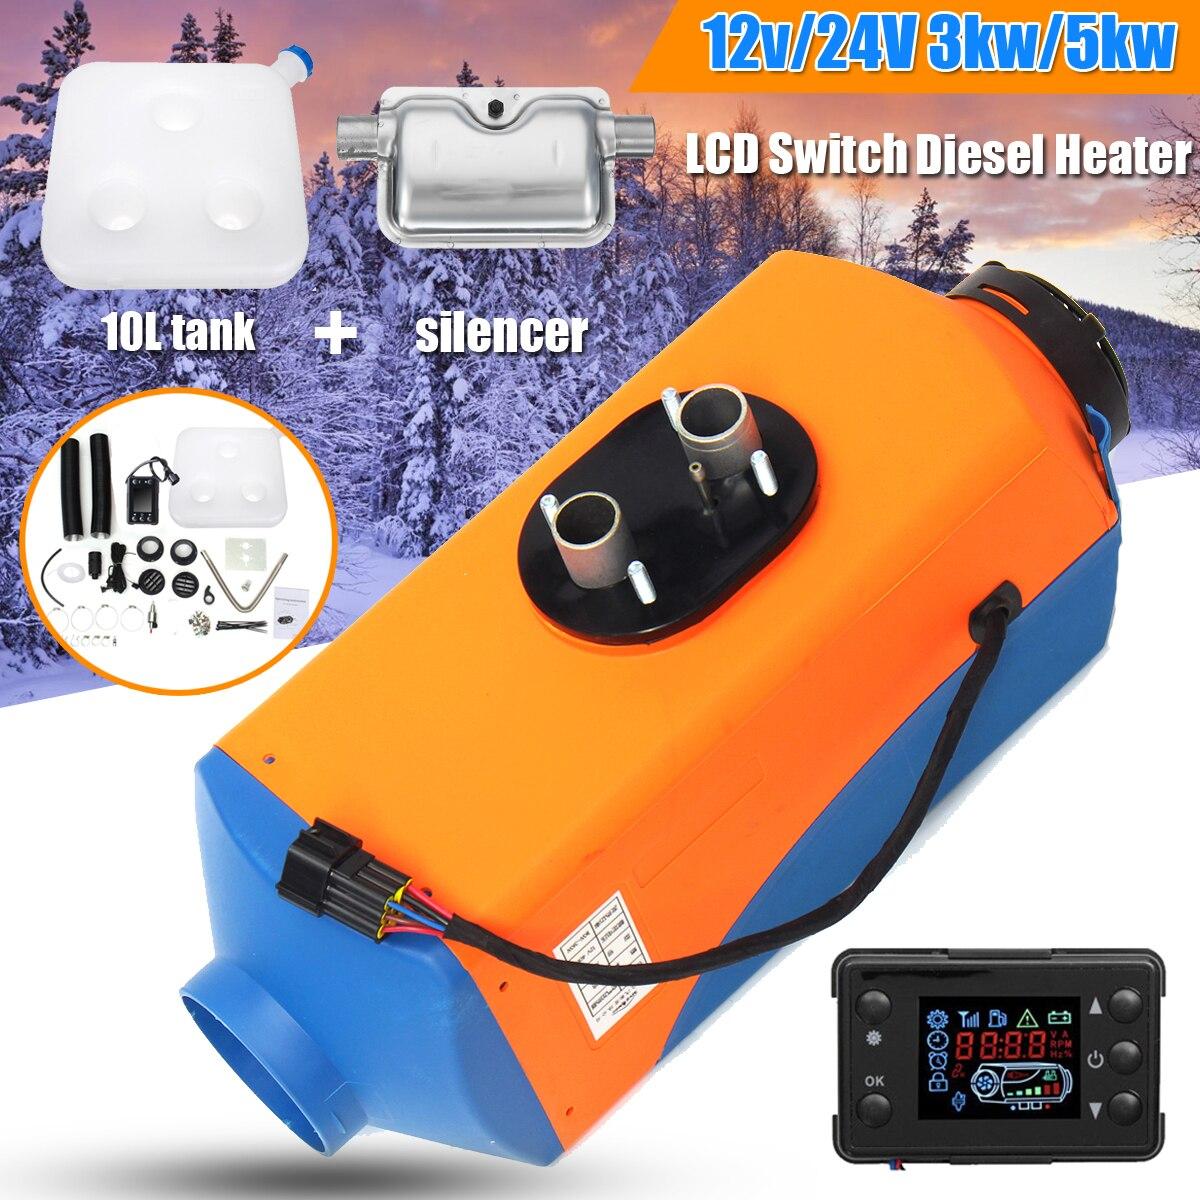 KROAK 12 V/24 V 3KW/5KW Diesels Air Parking voiture chauffage Diesels Air chauffage réservoir conduit d'aération Thermostat caravane moteur avec silencieux